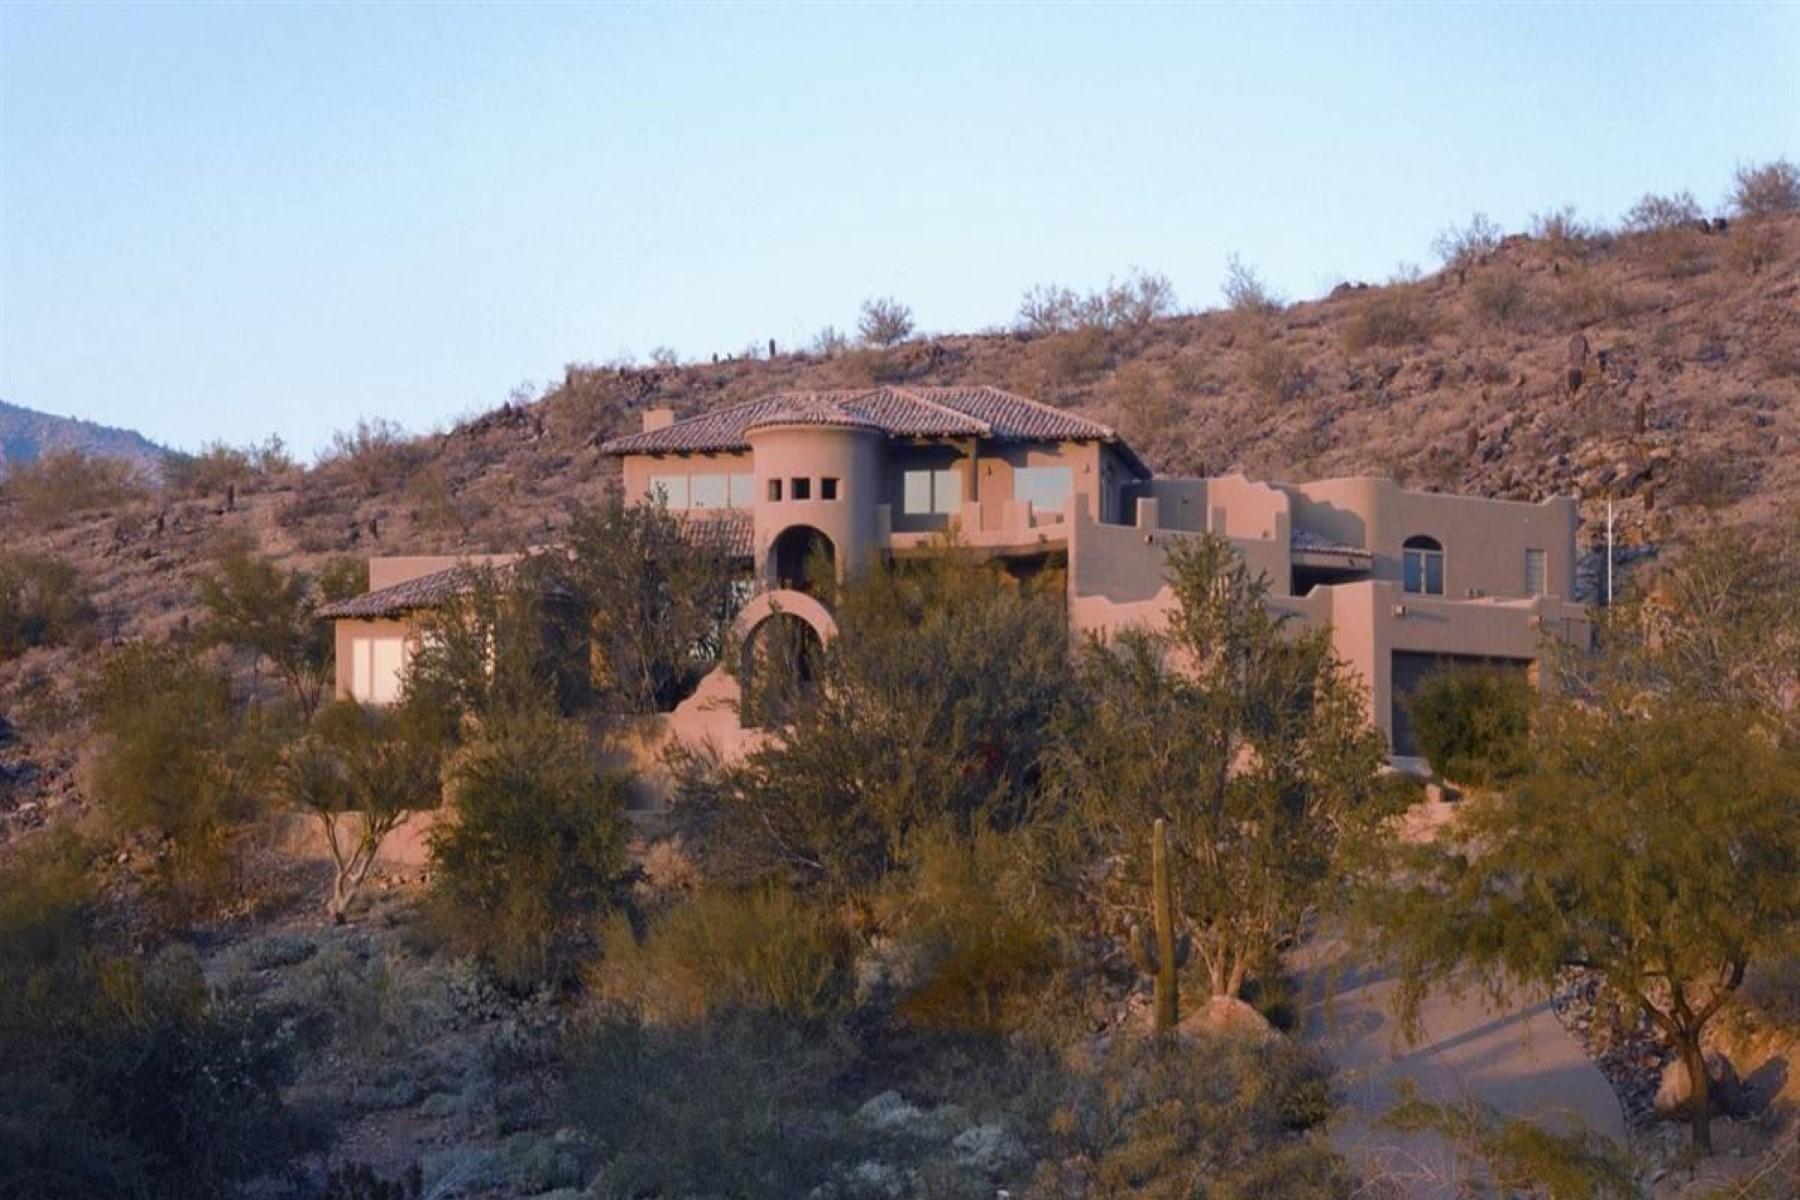 단독 가정 주택 용 매매 에 Perched majestically on 2+ acres of private hillside. 13631 S Canyon DR Phoenix, 아리조나 85048 미국